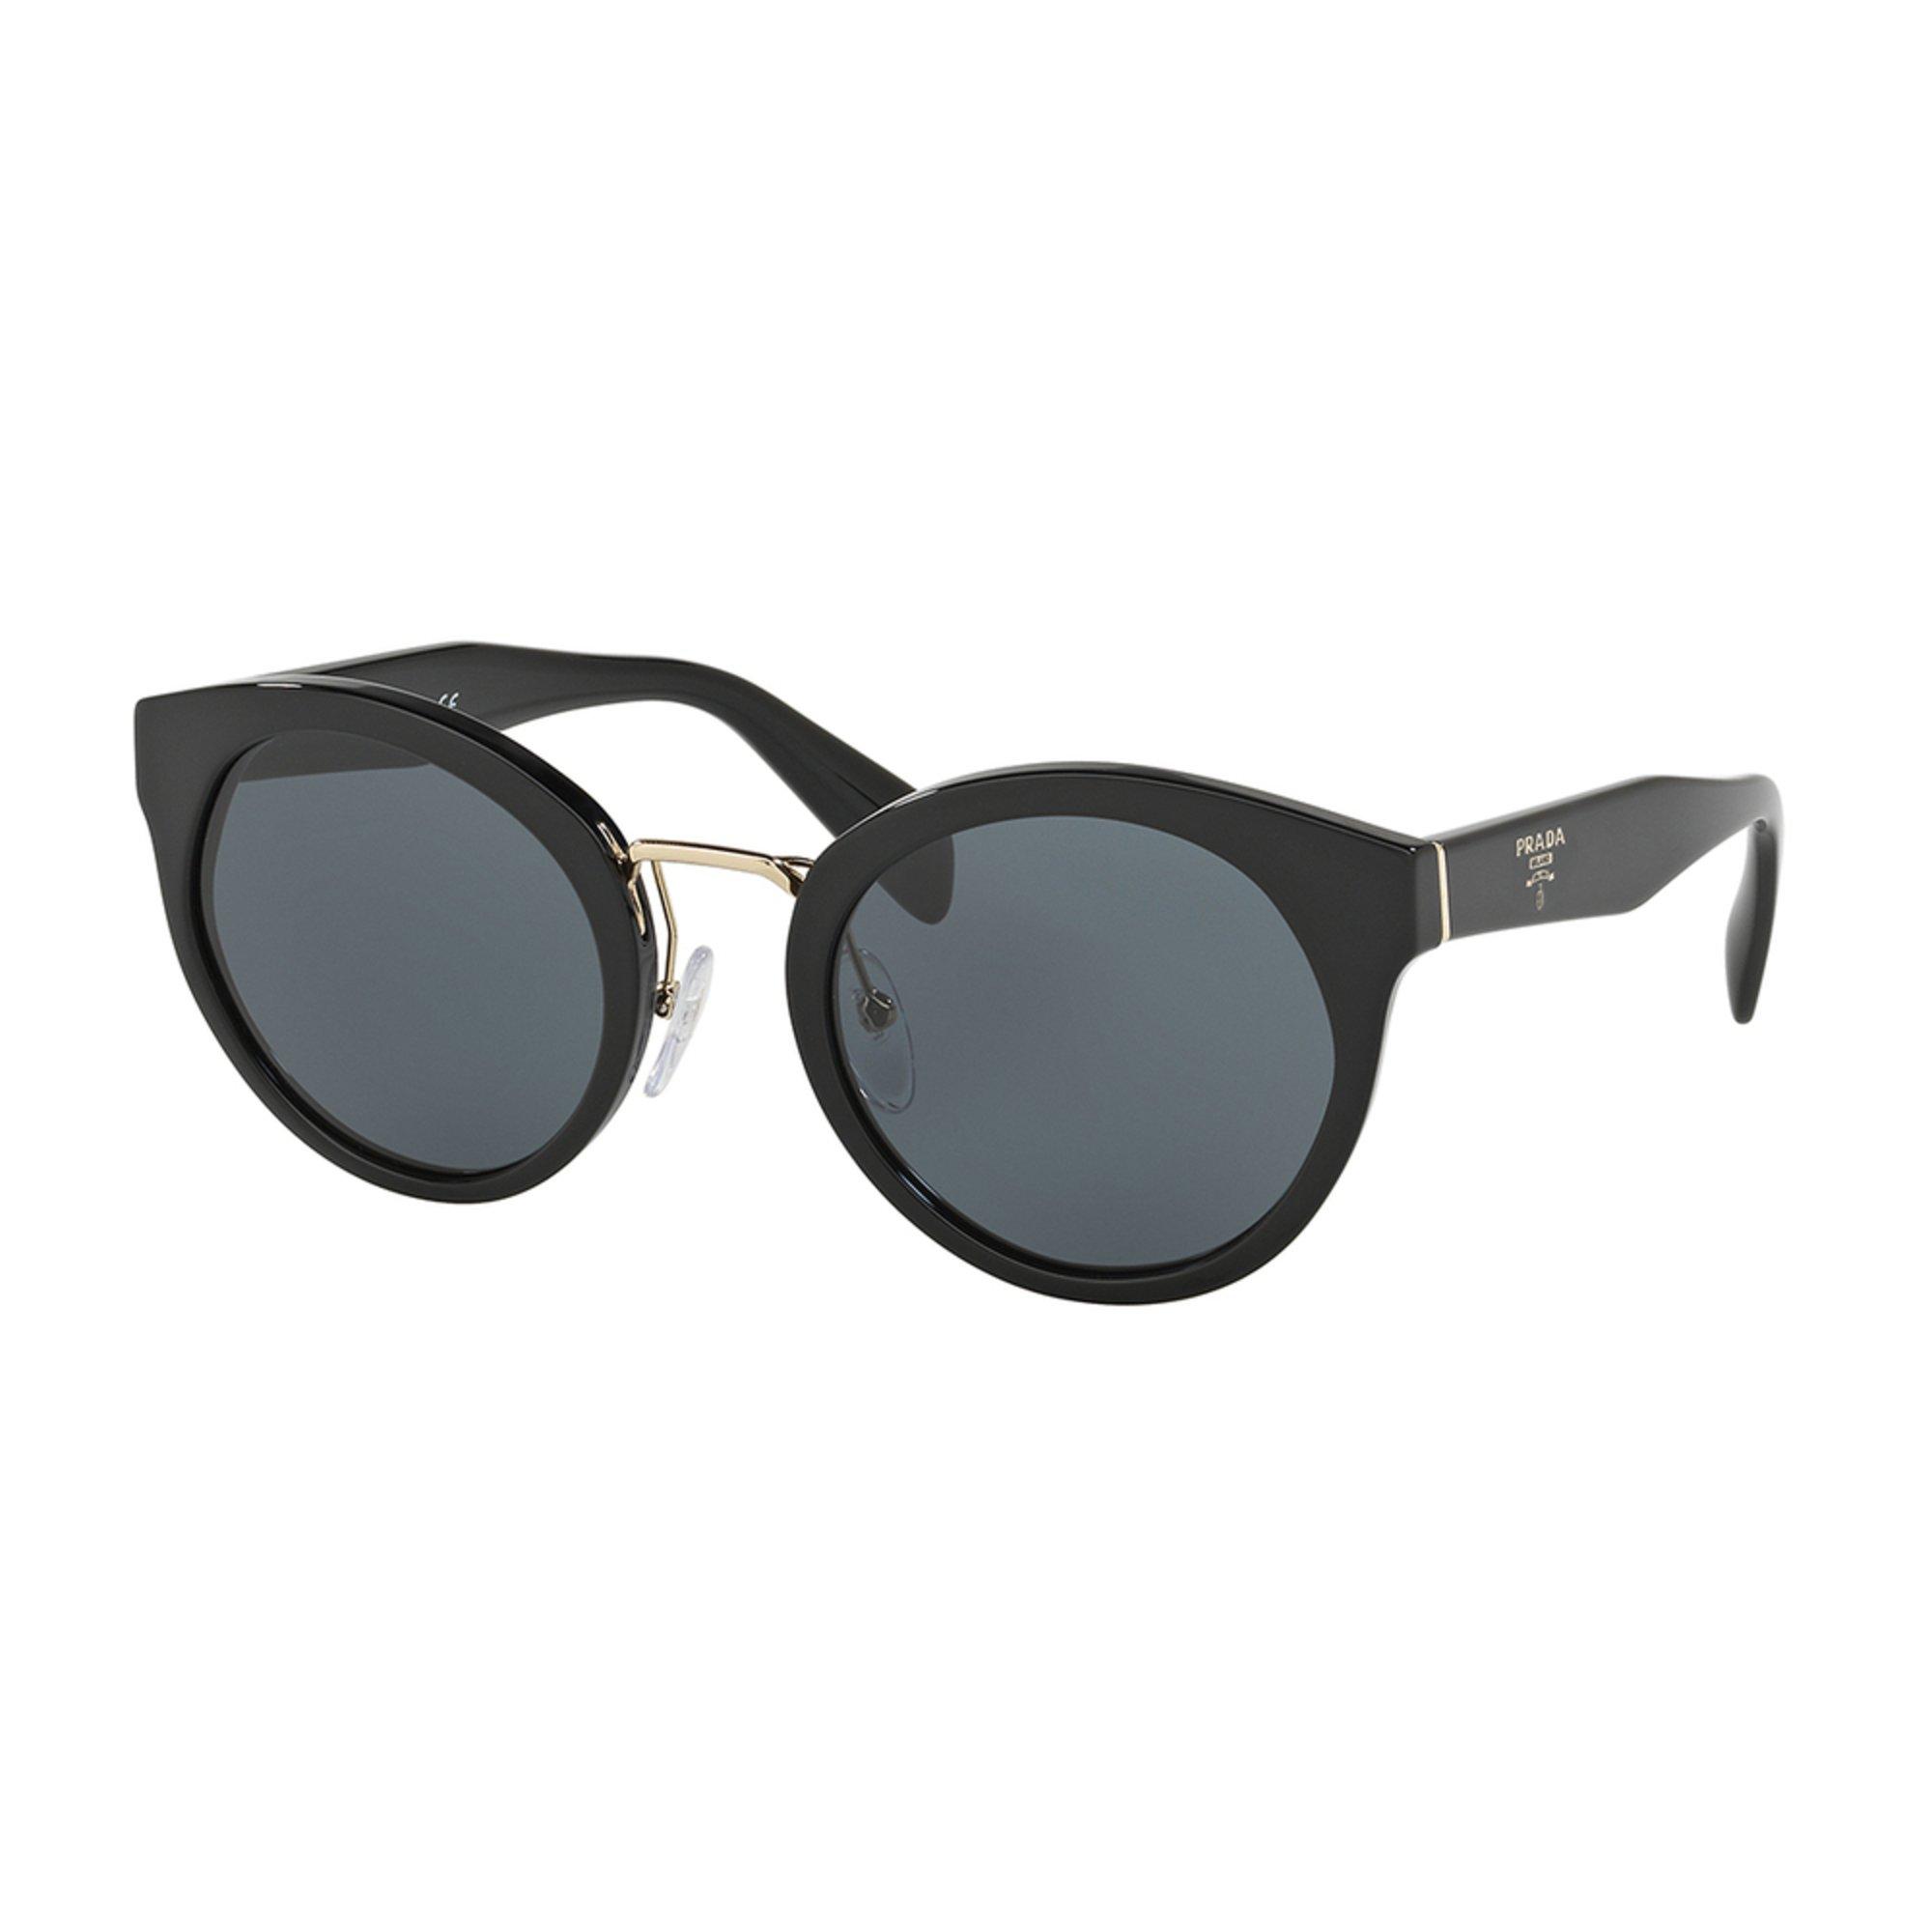 0e2d5d6ae1 Prada. Prada Women s Round Sunglasses